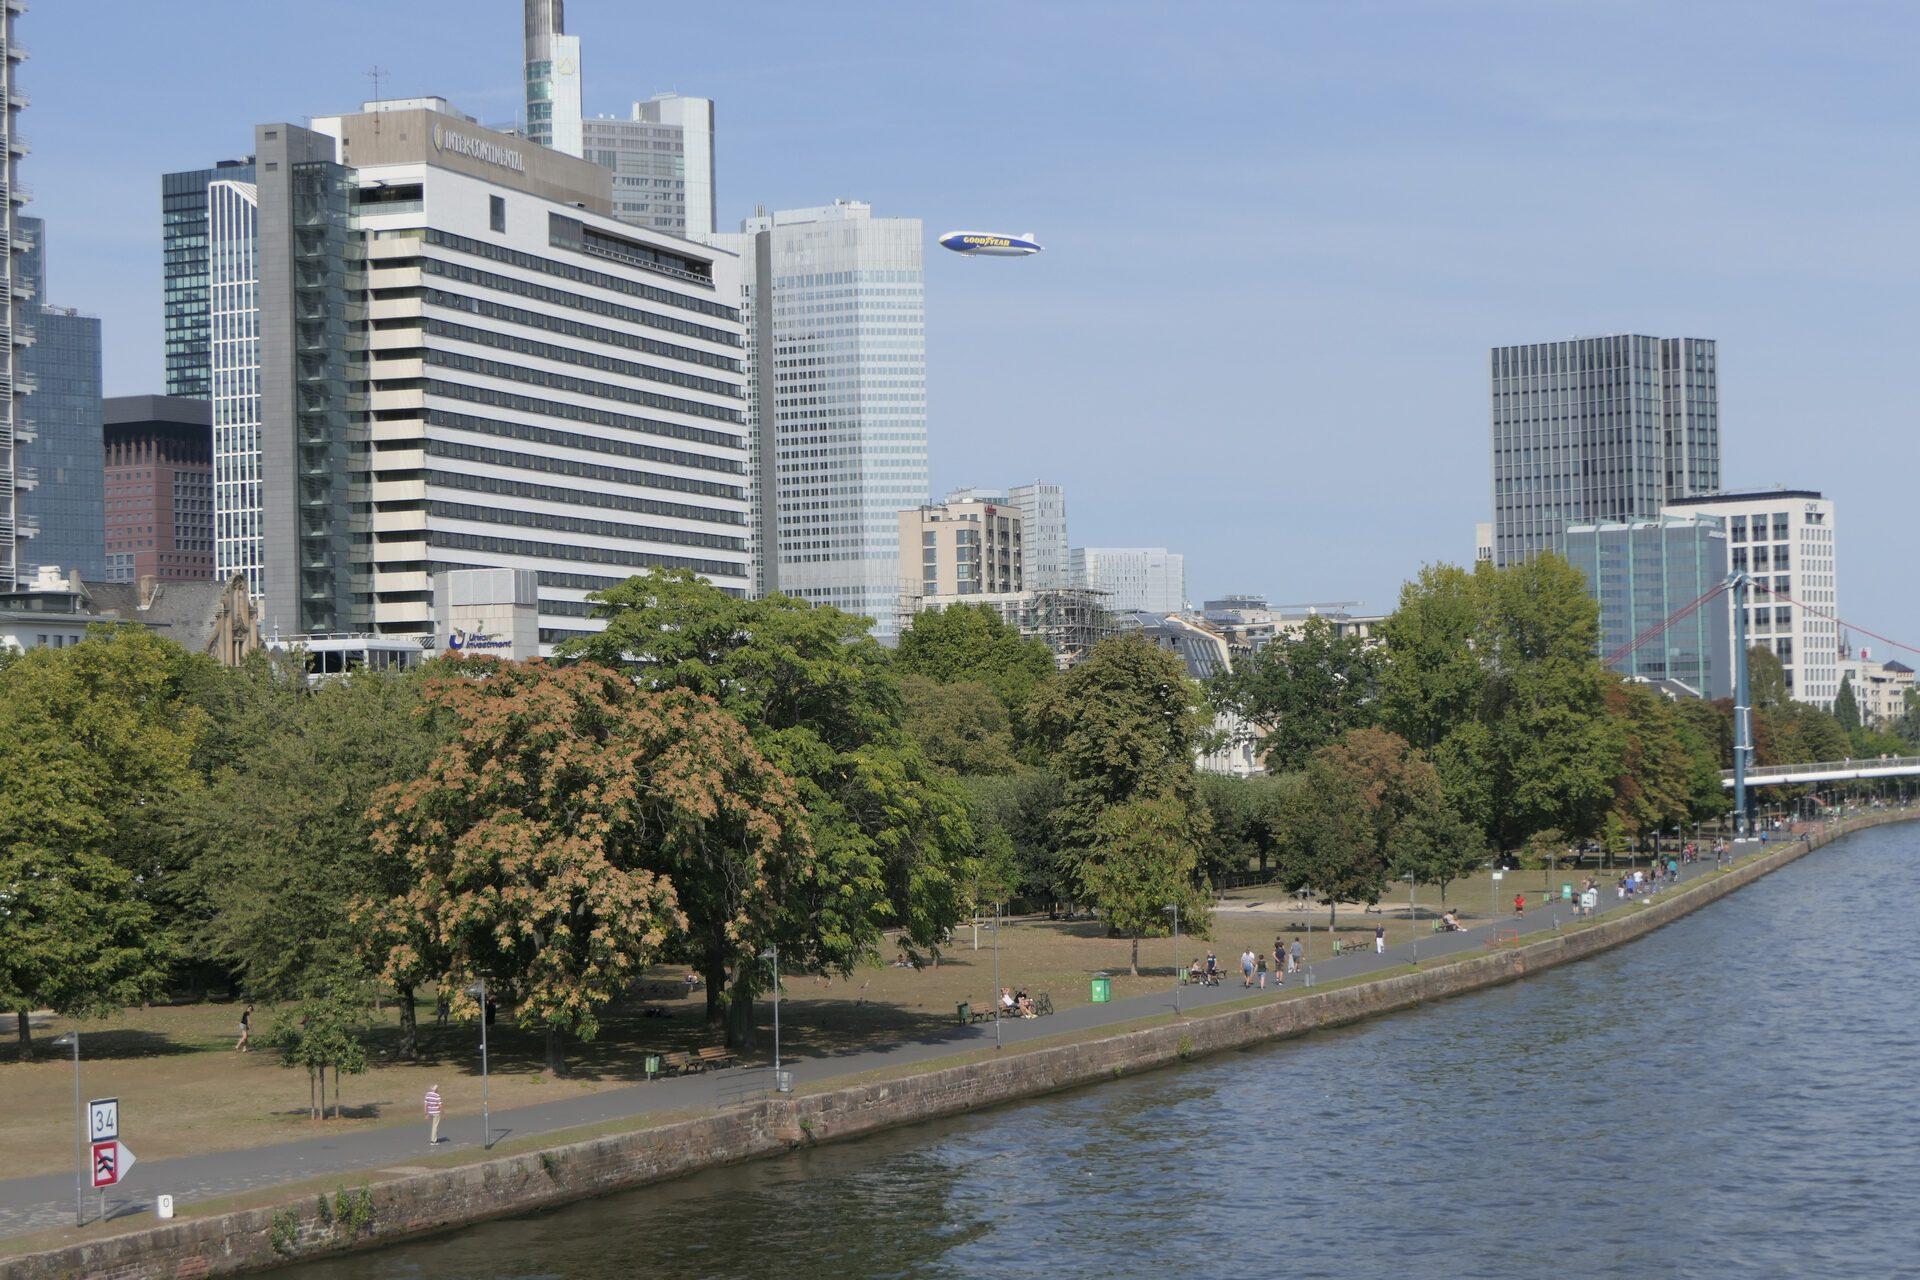 Frankfurt am Main, Mainufer mit Zeppelin NT bei einem Rundflug über der City